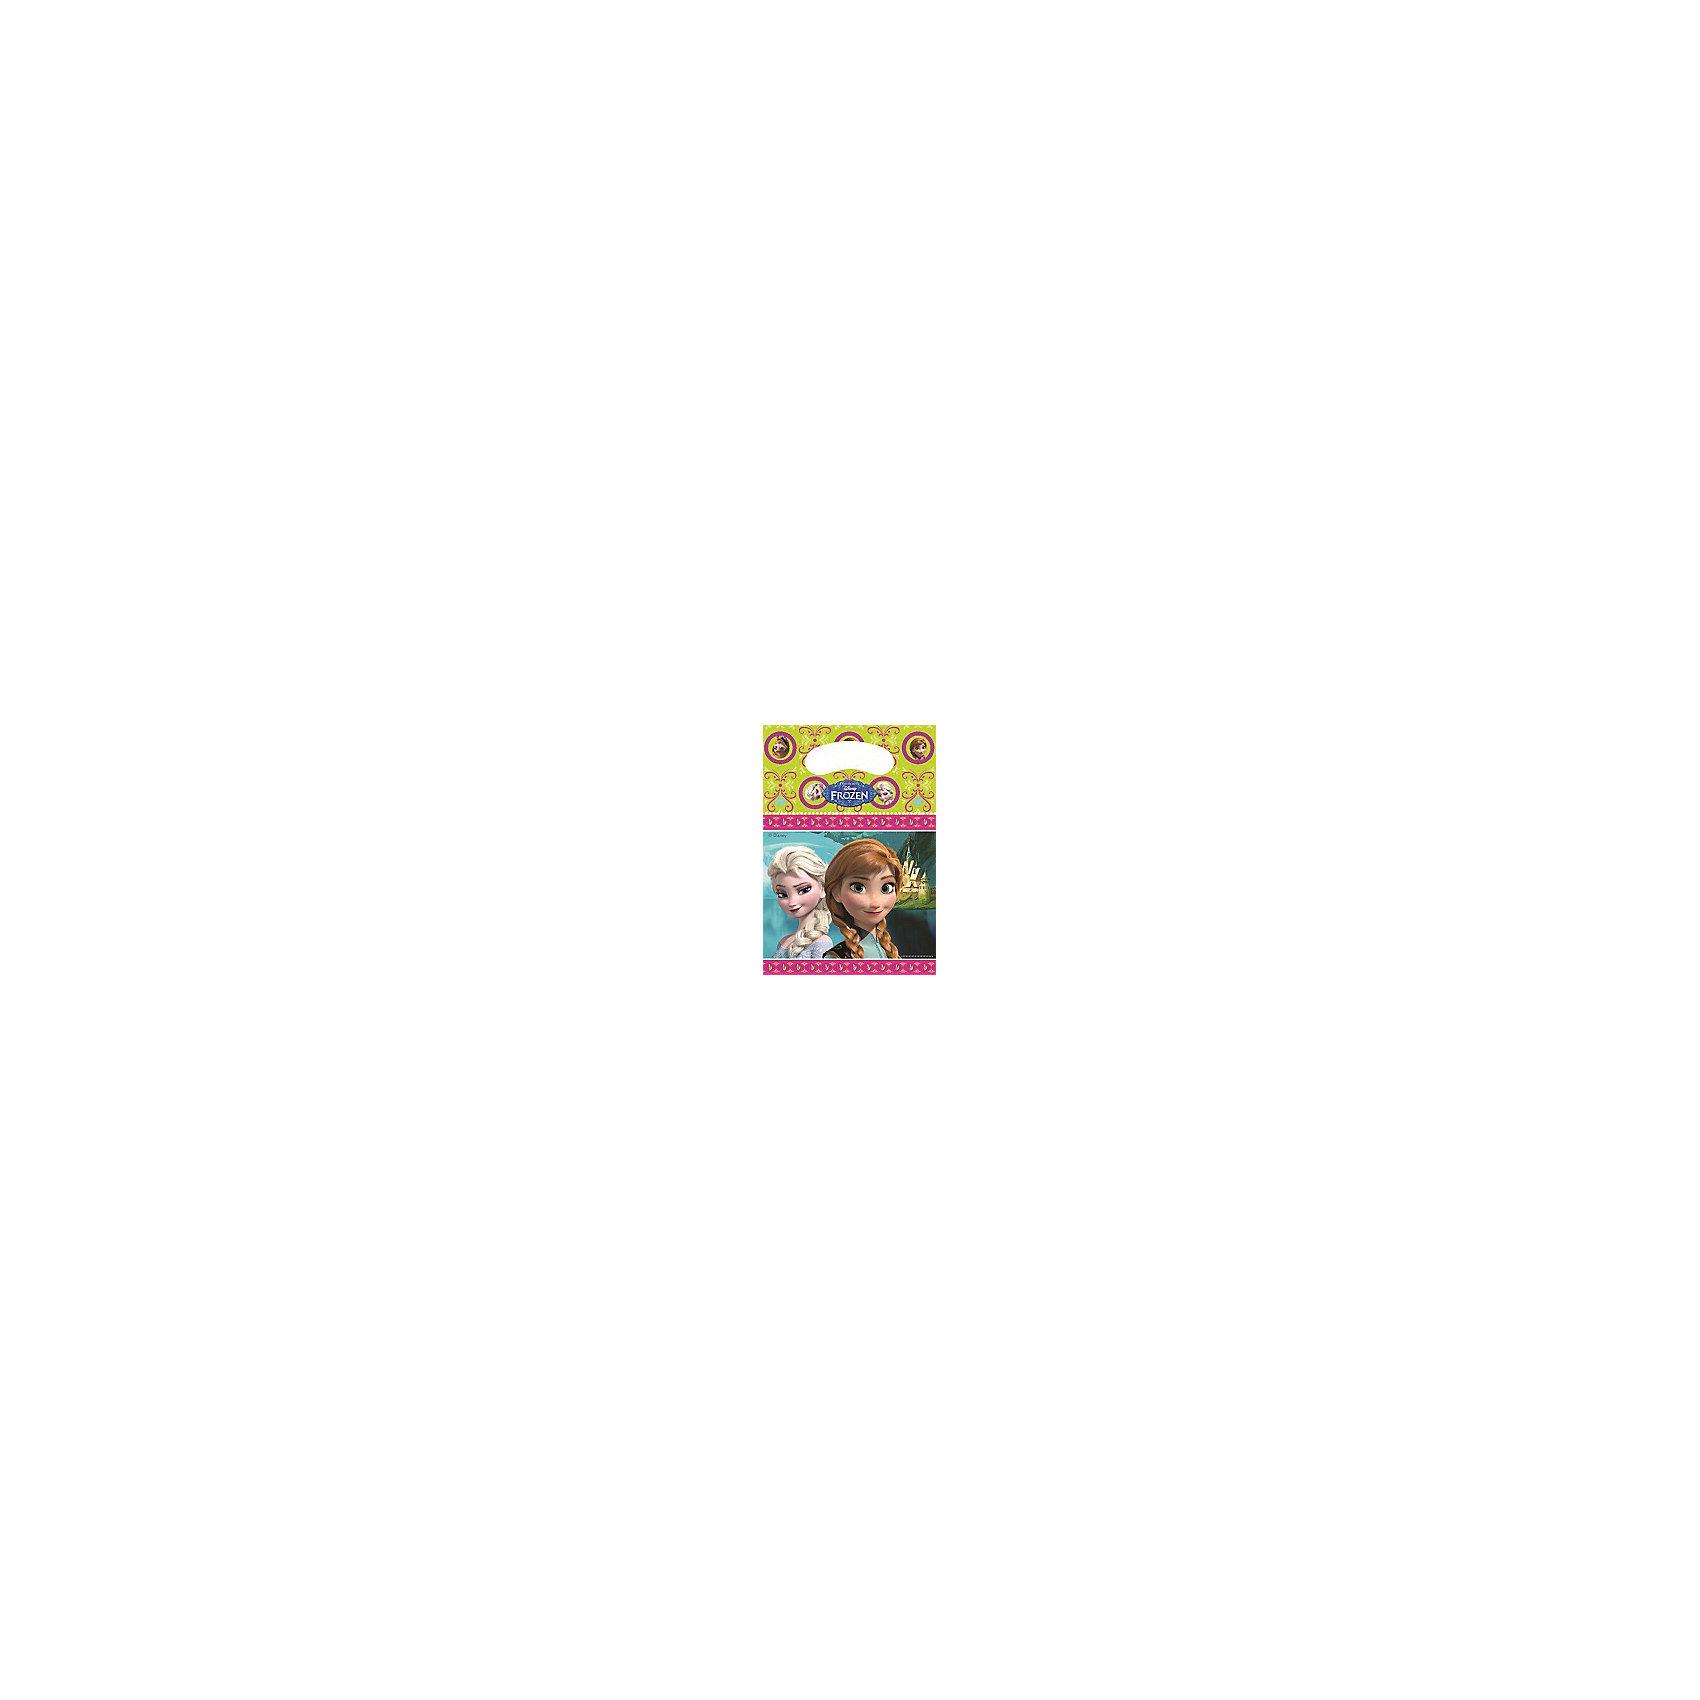 Подарочные пакетики Холодное сердце, 6 штПодарочные пакетики Холодное сердце,  станут замечательным аксессуаром для детского праздника или тематической вечеринки. С их помощью Вы сможете красиво оформить подарки, памятные сувениры, пригласительные билеты или сюрпризы для конкурсов. Пакеты очень прочные, украшены портретами сестер Анны и Эльзы из популярного<br>диснеевского мультфильма Холодное сердце.<br><br>Дополнительная информация:<br><br>- В комплекте: 6 шт.<br>- Материал: полиэтилен. <br>- Размер пакетика: 16,5 х 22 см.<br>- Размер упаковки: 17,8 x 2 x 16,5 см.<br>- Вес: 37 гр.<br><br>Подарочные пакетики Холодное сердце,  можно купить в нашем интернет-магазине.<br><br>Ширина мм: 2<br>Глубина мм: 29<br>Высота мм: 18<br>Вес г: 24<br>Возраст от месяцев: -2147483648<br>Возраст до месяцев: 2147483647<br>Пол: Женский<br>Возраст: Детский<br>SKU: 3823861